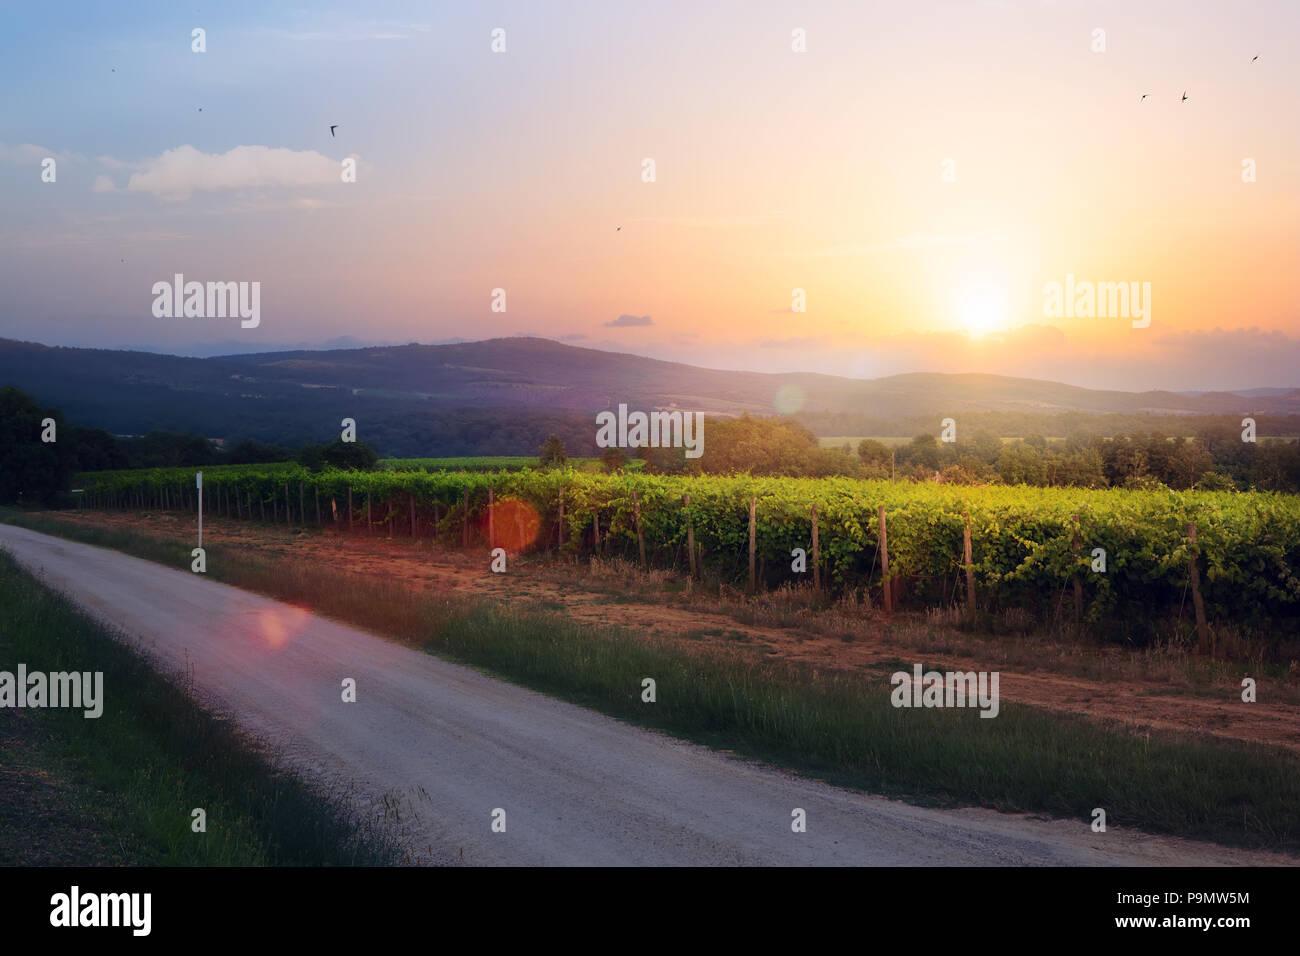 Amanecer en viñedos de uva; verano bodega región mañana paisaje Foto de stock